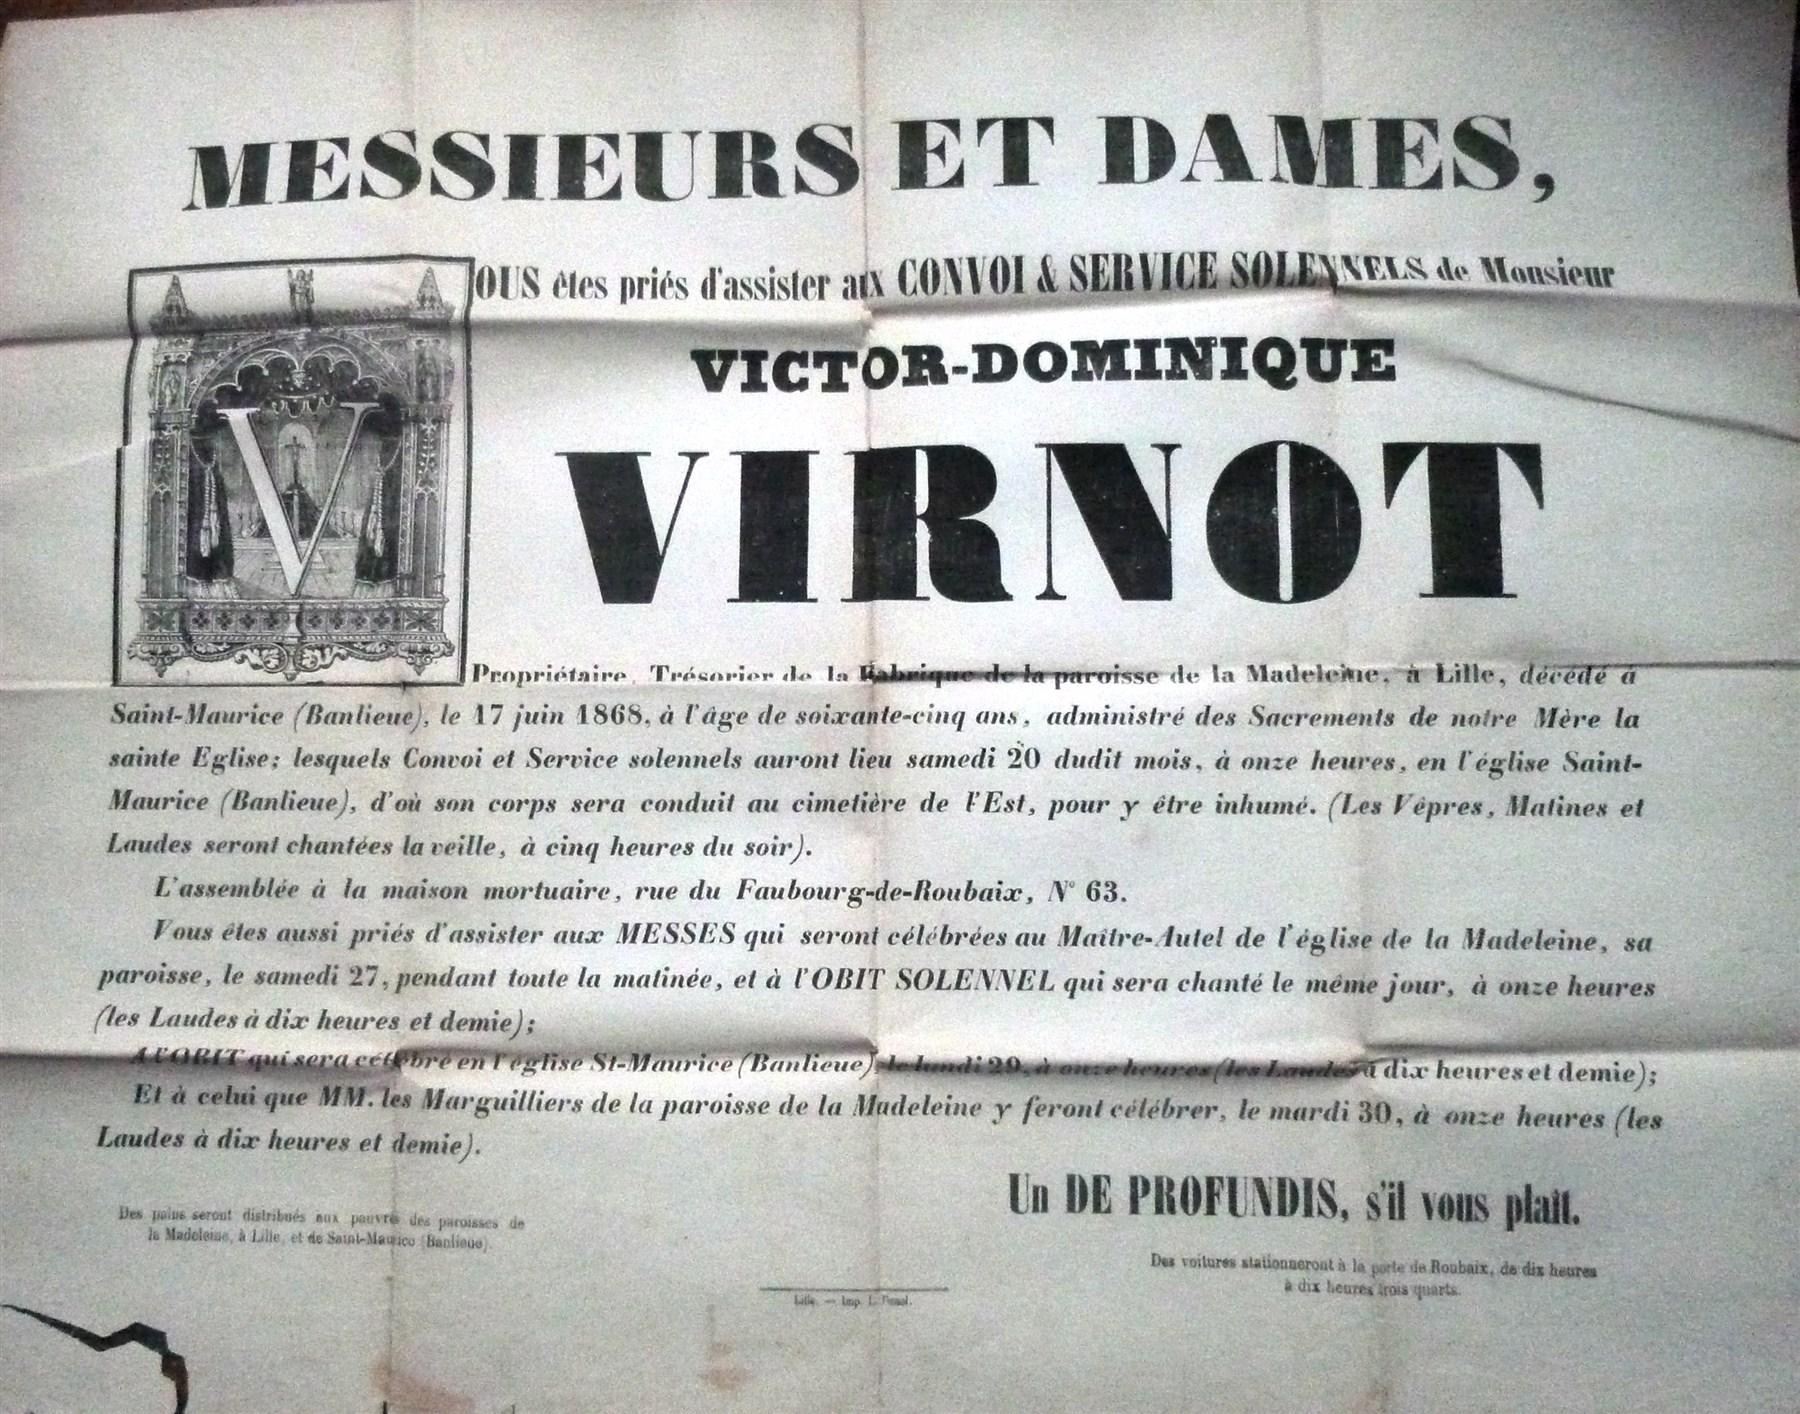 Virnot-Victor-Dominique-Obit